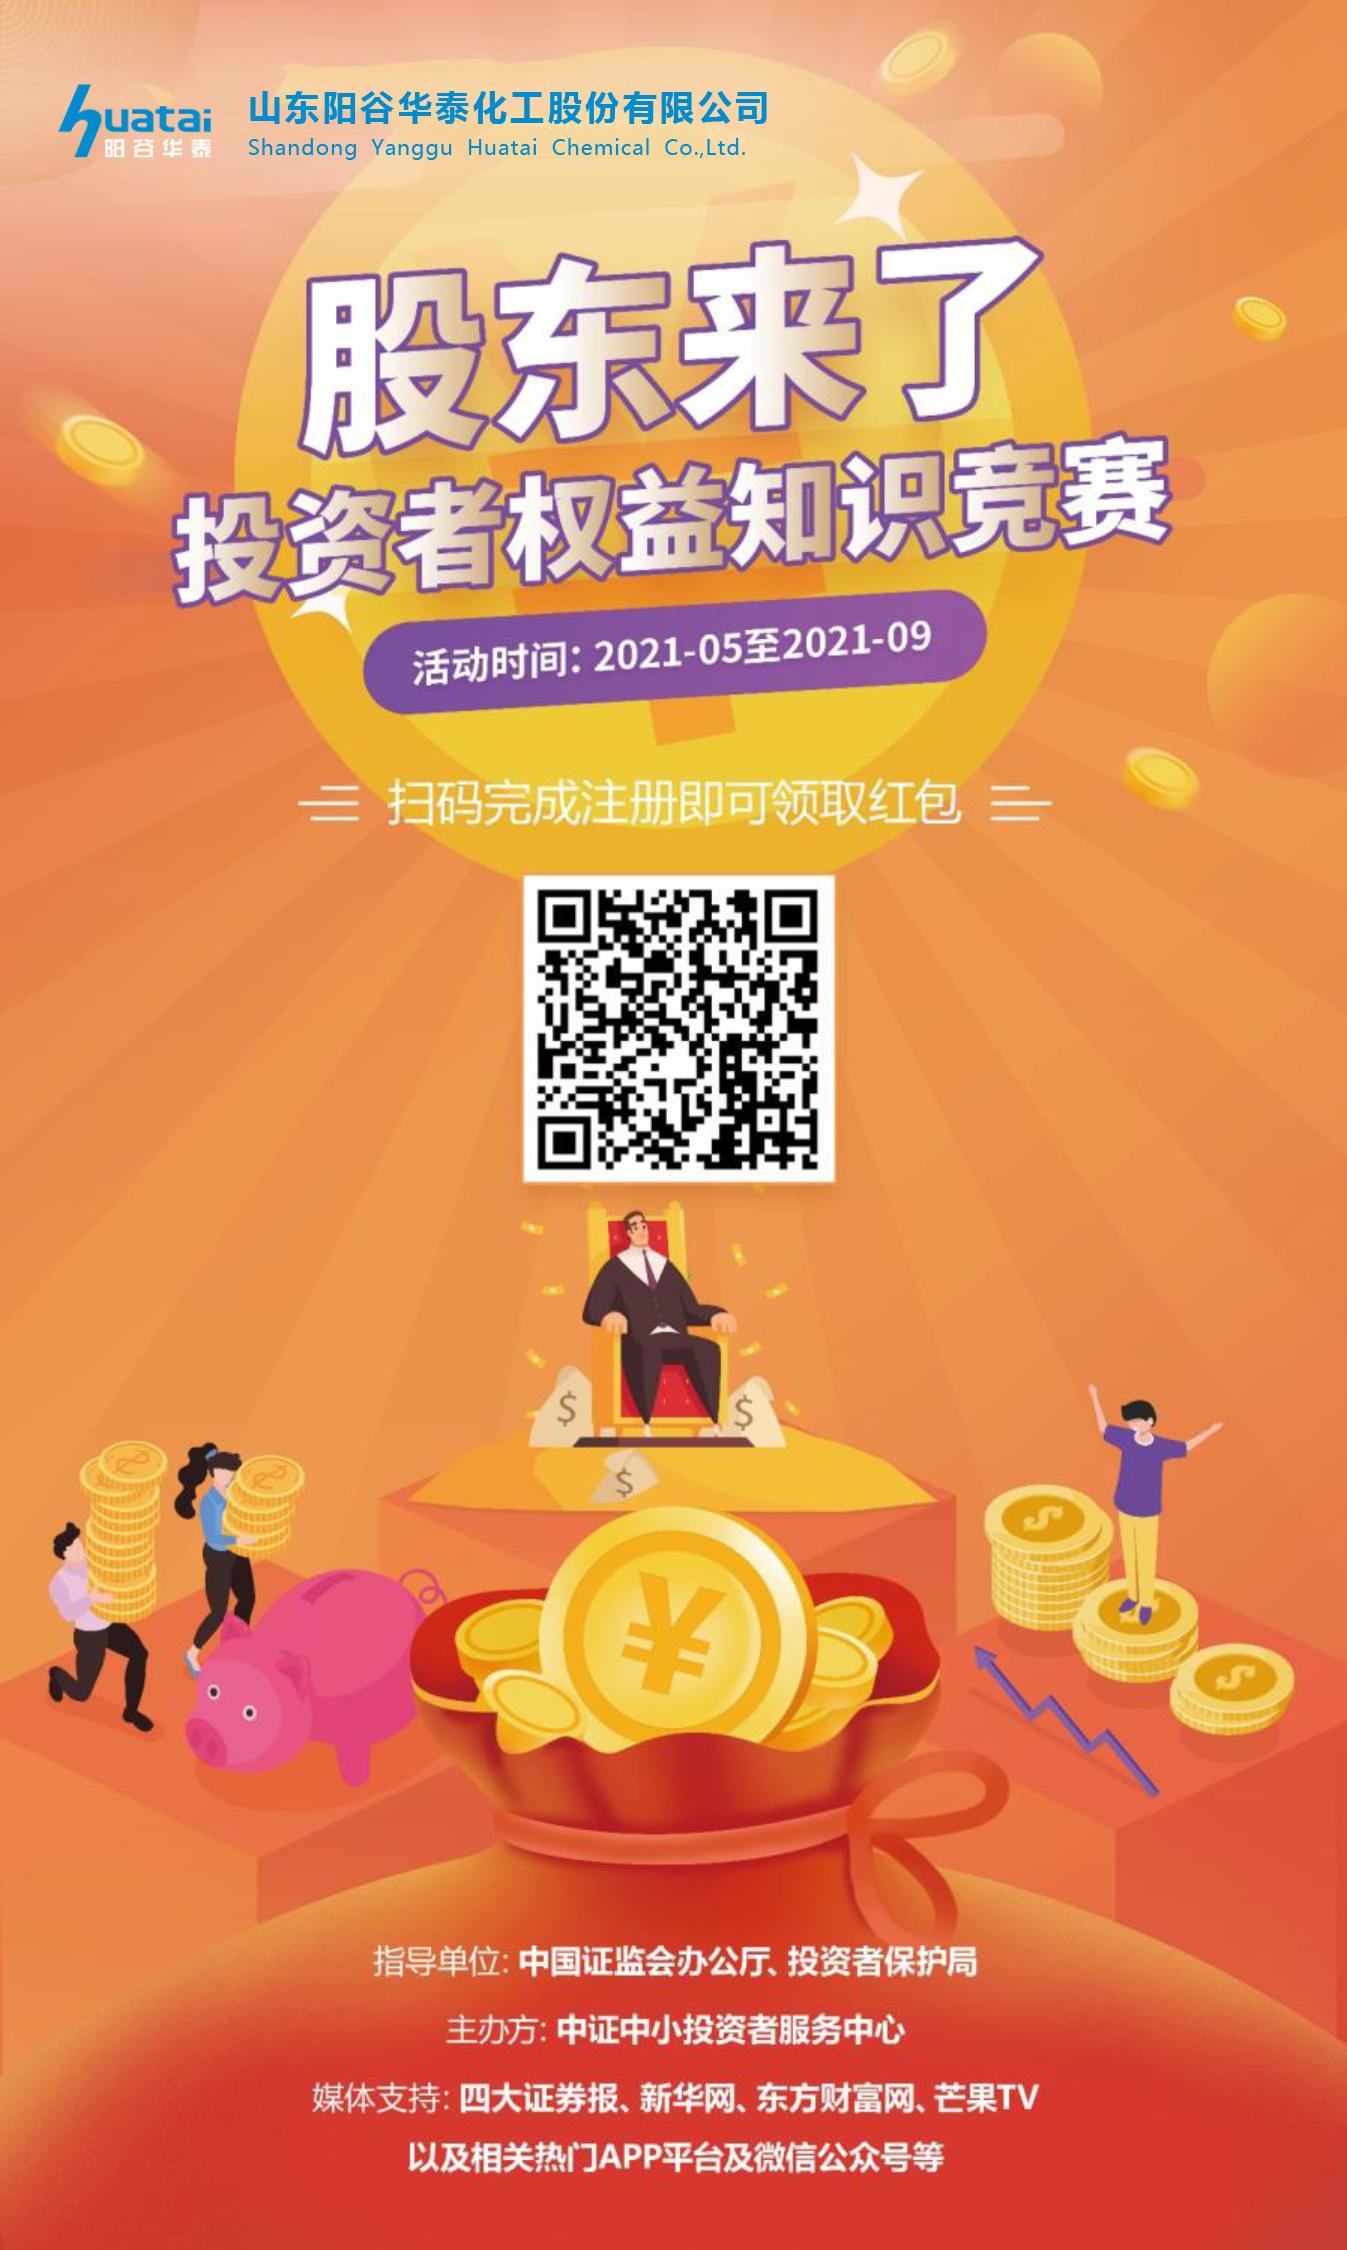 股东来了!阳谷华泰邀请您参加投资者权益知识竞赛